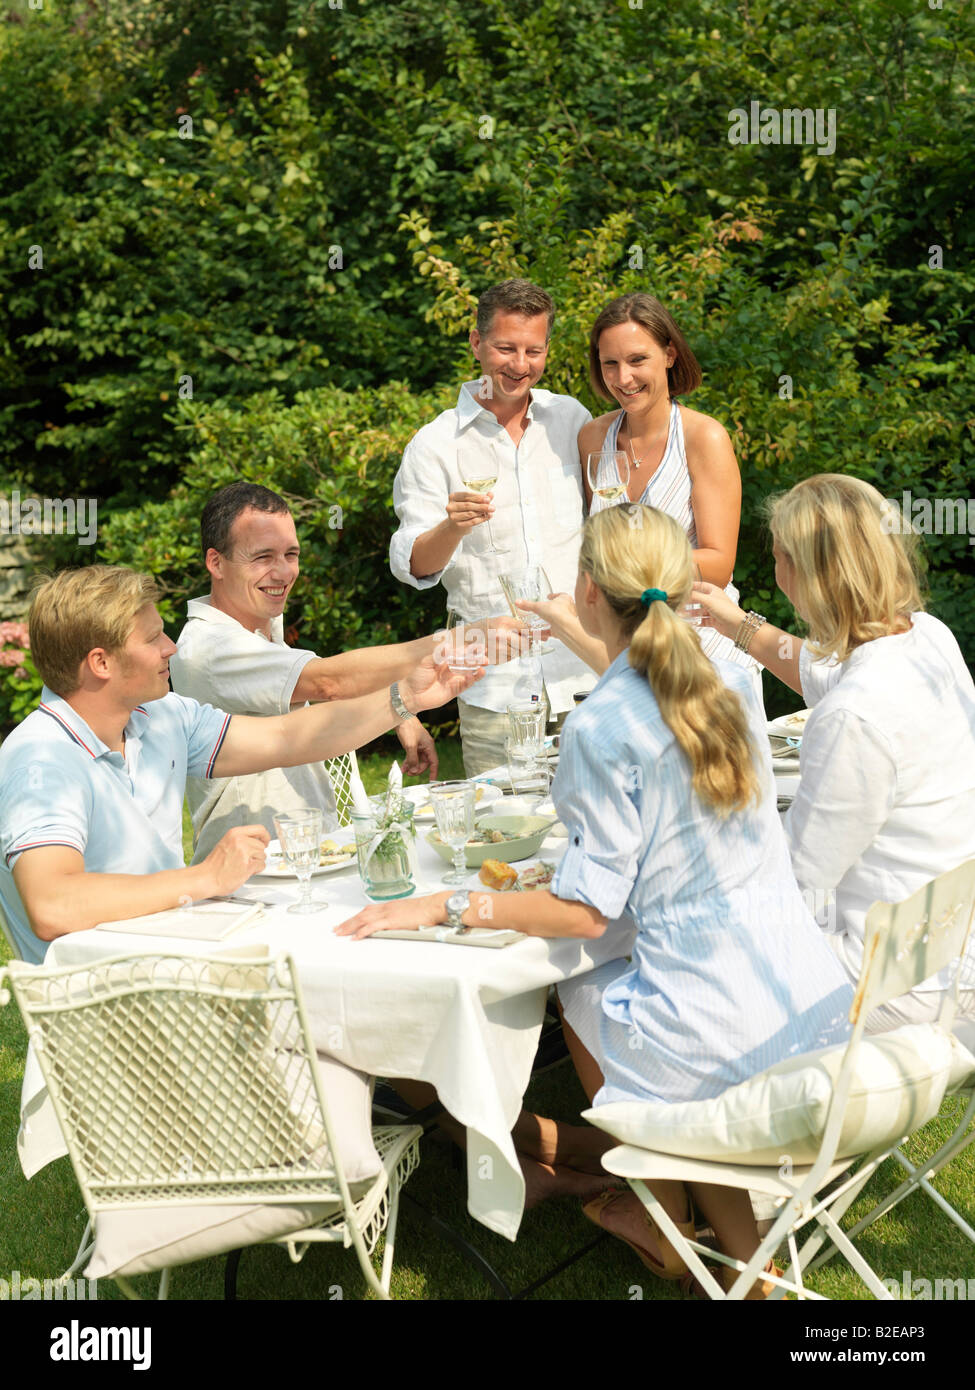 Gruppe von Menschen, die Essen im Garten Stockfoto